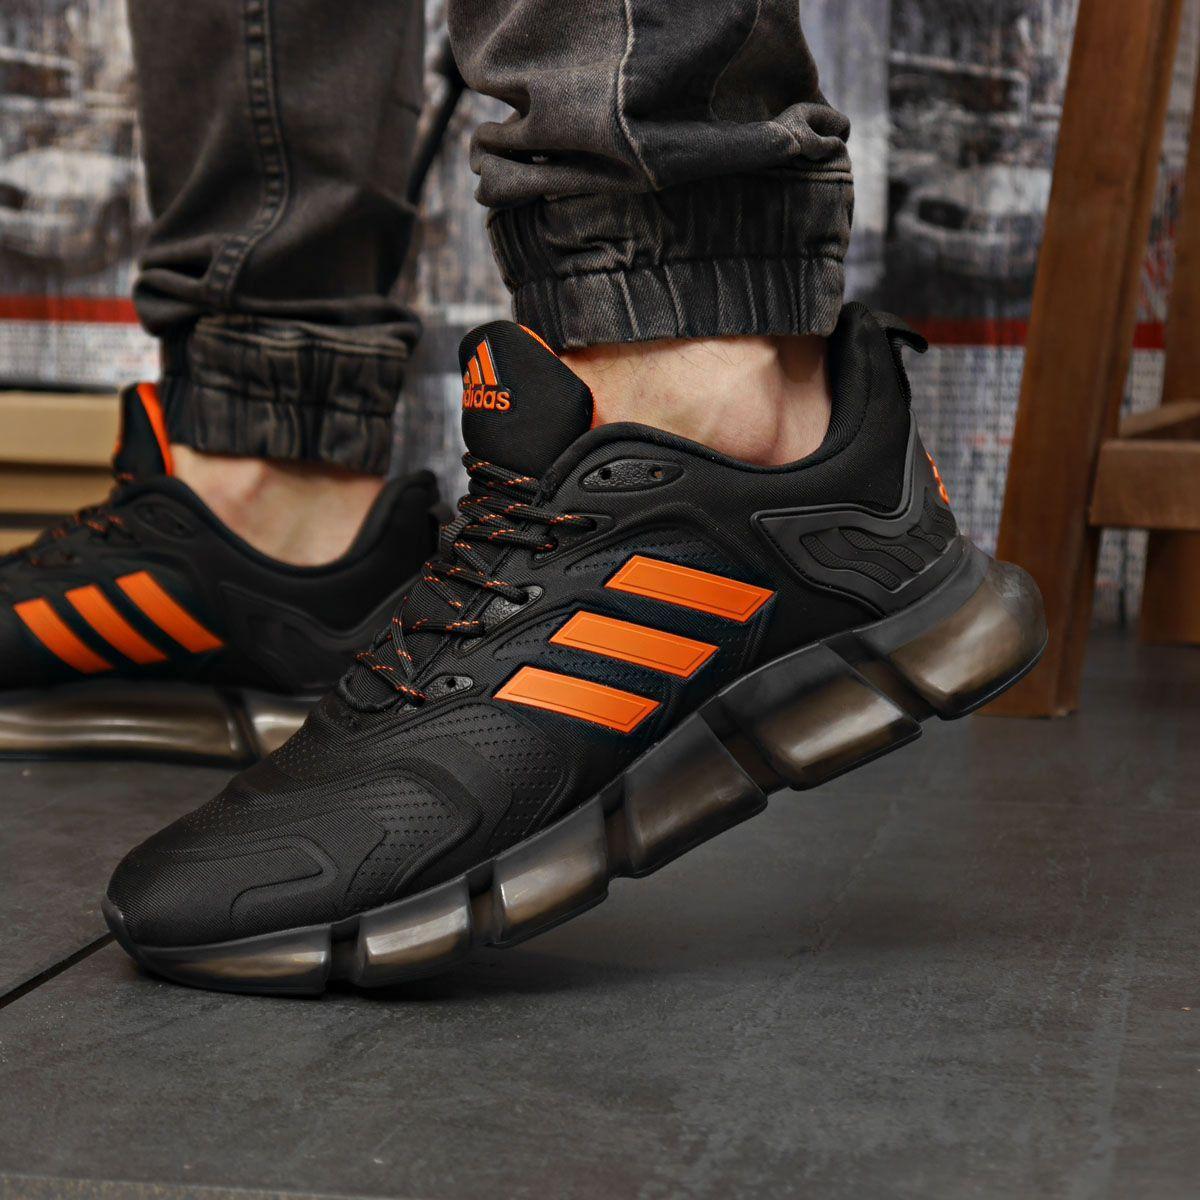 Кроссовки мужские 18313 ► Adidas x Pharrell Vento (TOP AAA), черные . [Размеры в наличии: 41,42,43,44]